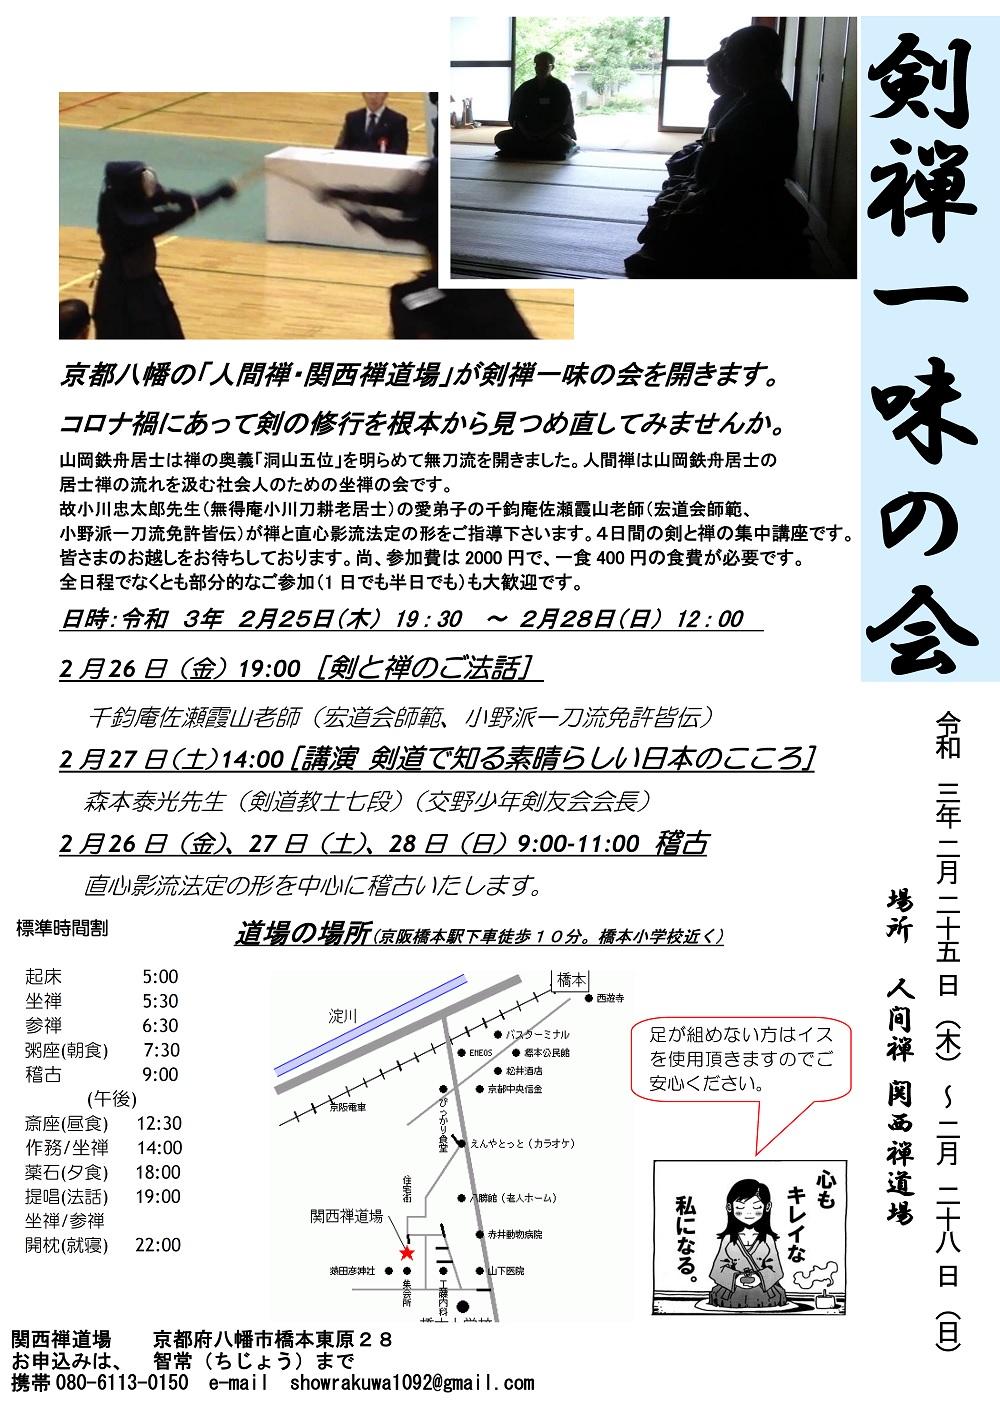 剣禅一味の会R3.jpg